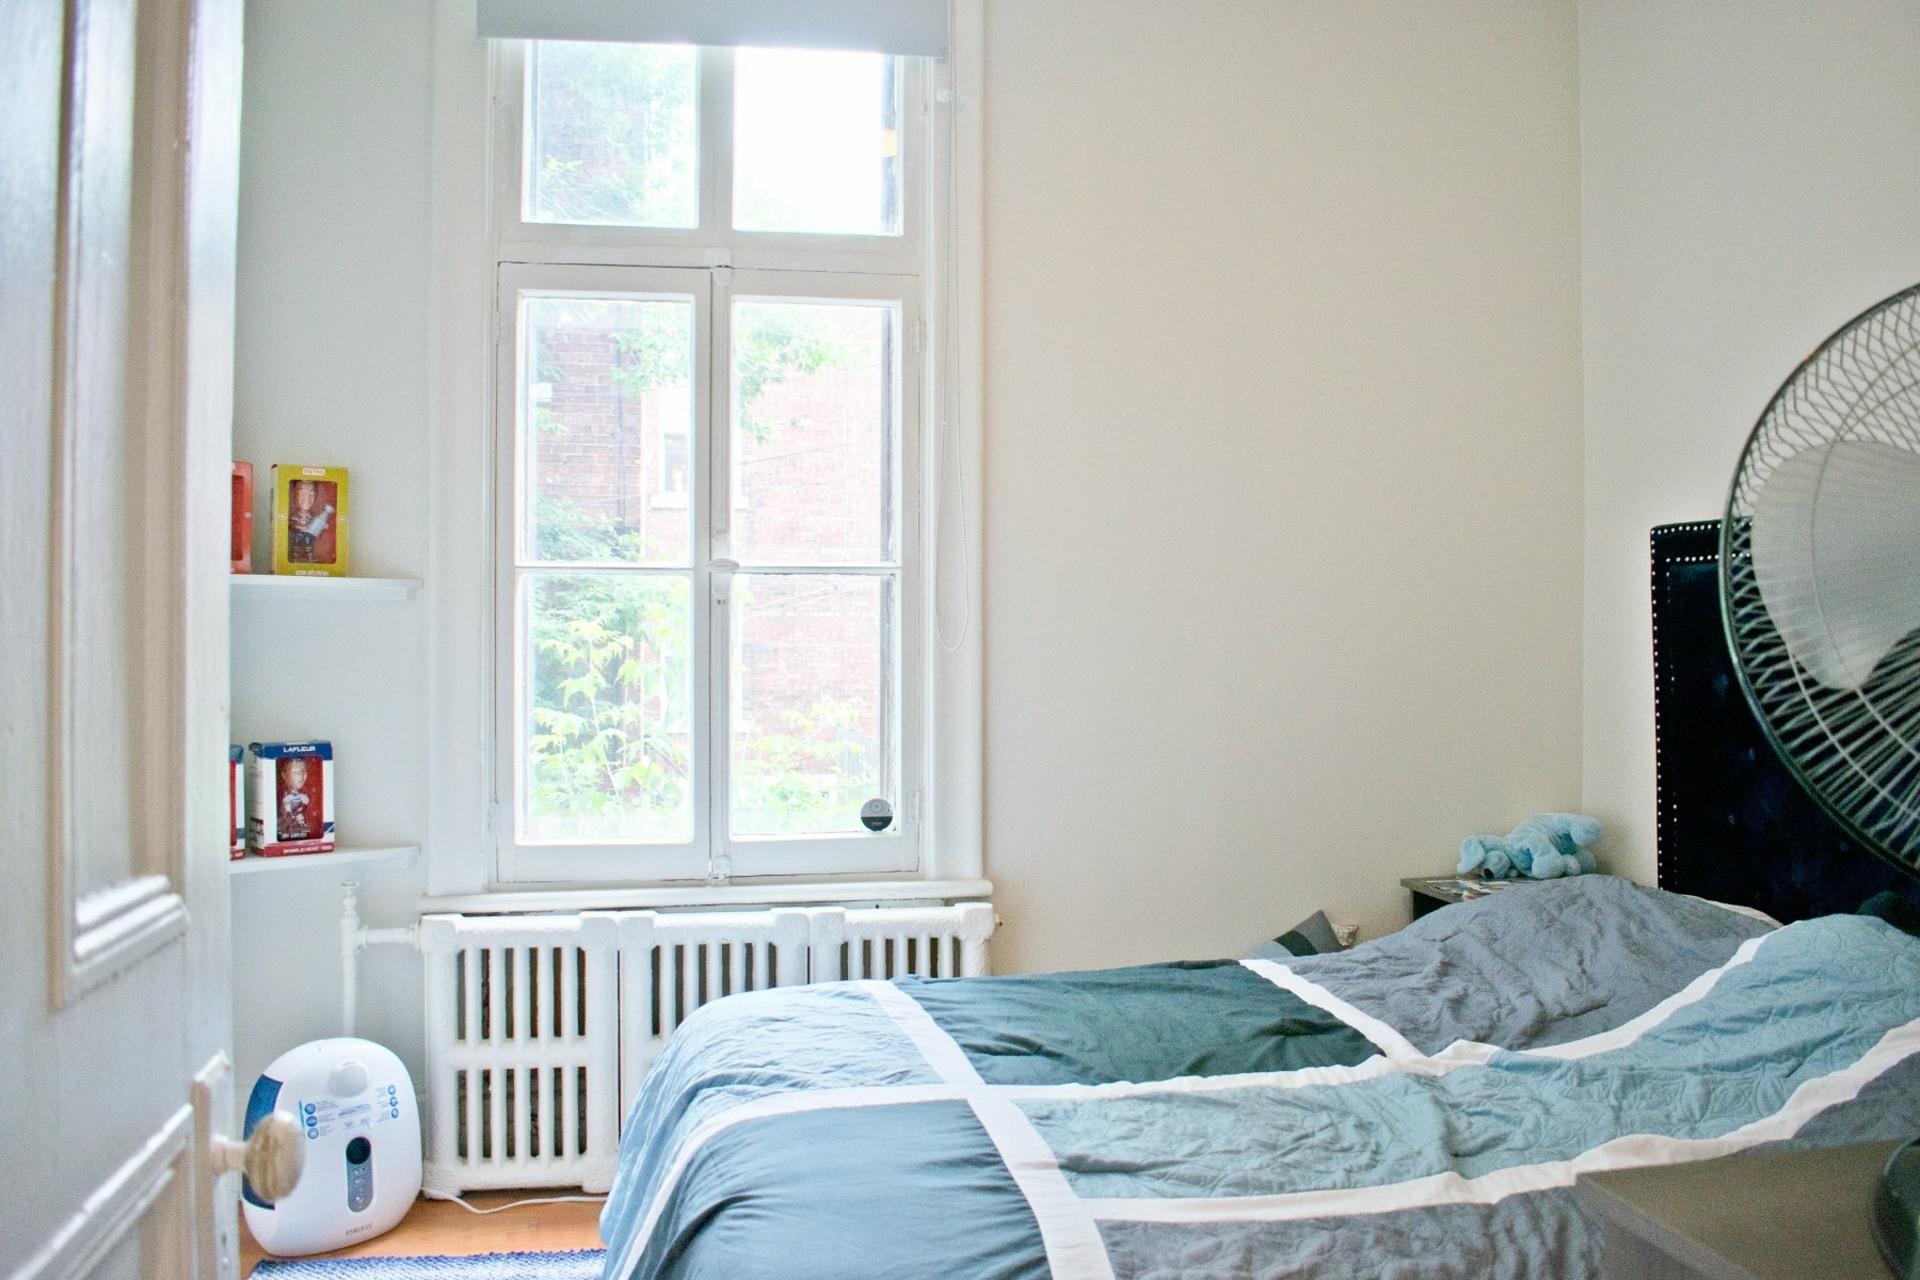 image 11 - Appartement À louer Côte-des-Neiges/Notre-Dame-de-Grâce Montréal  - 11 pièces